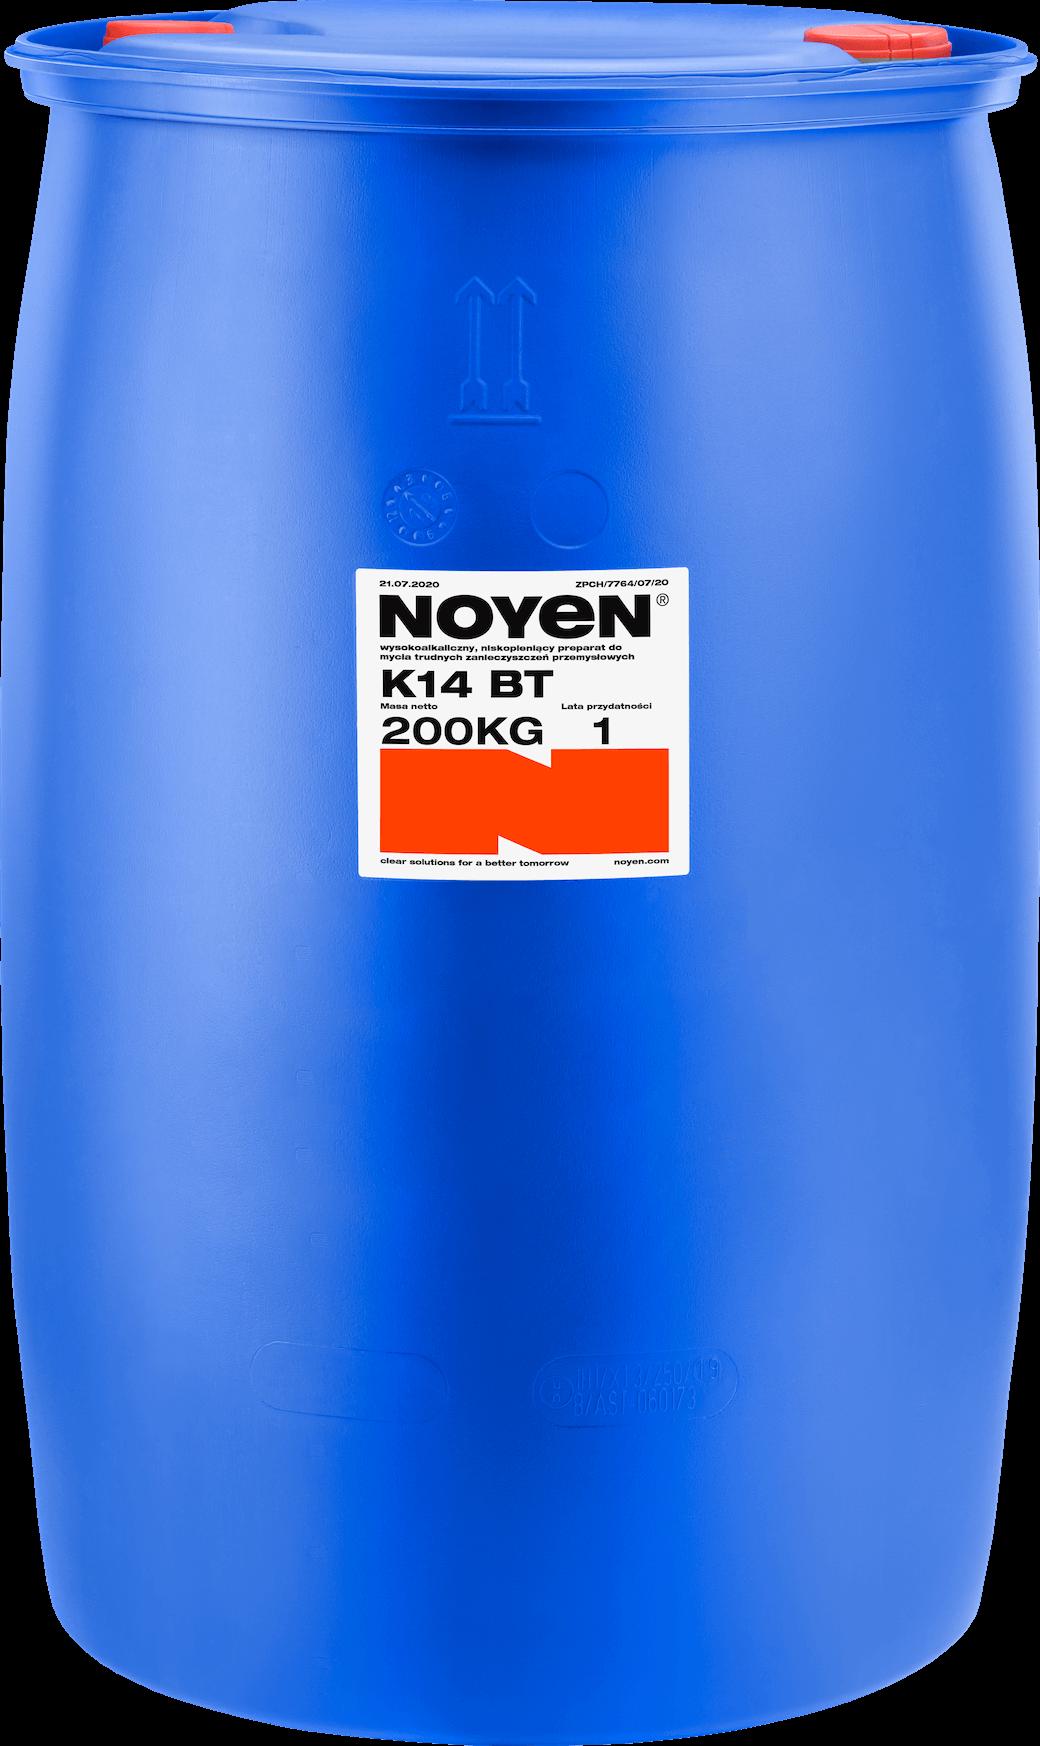 K14 BT NOYEN 200 KG wysokoalkaliczny, niskopieniący preparat do mycia trudnych zanieczyszczeń przemysłowych w niebieskiej beczce